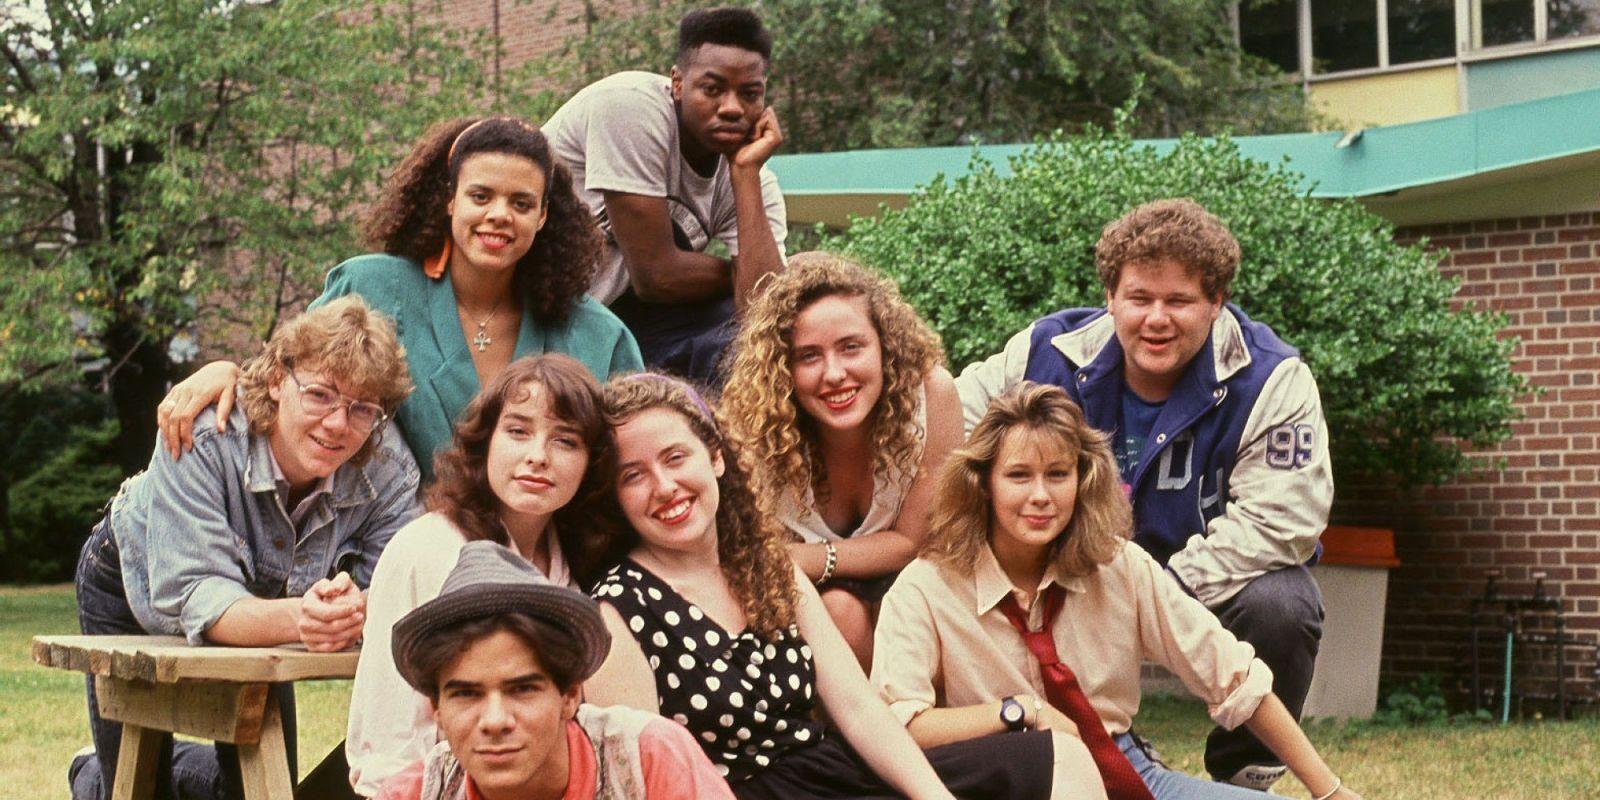 Cast of Degrassi Junior High